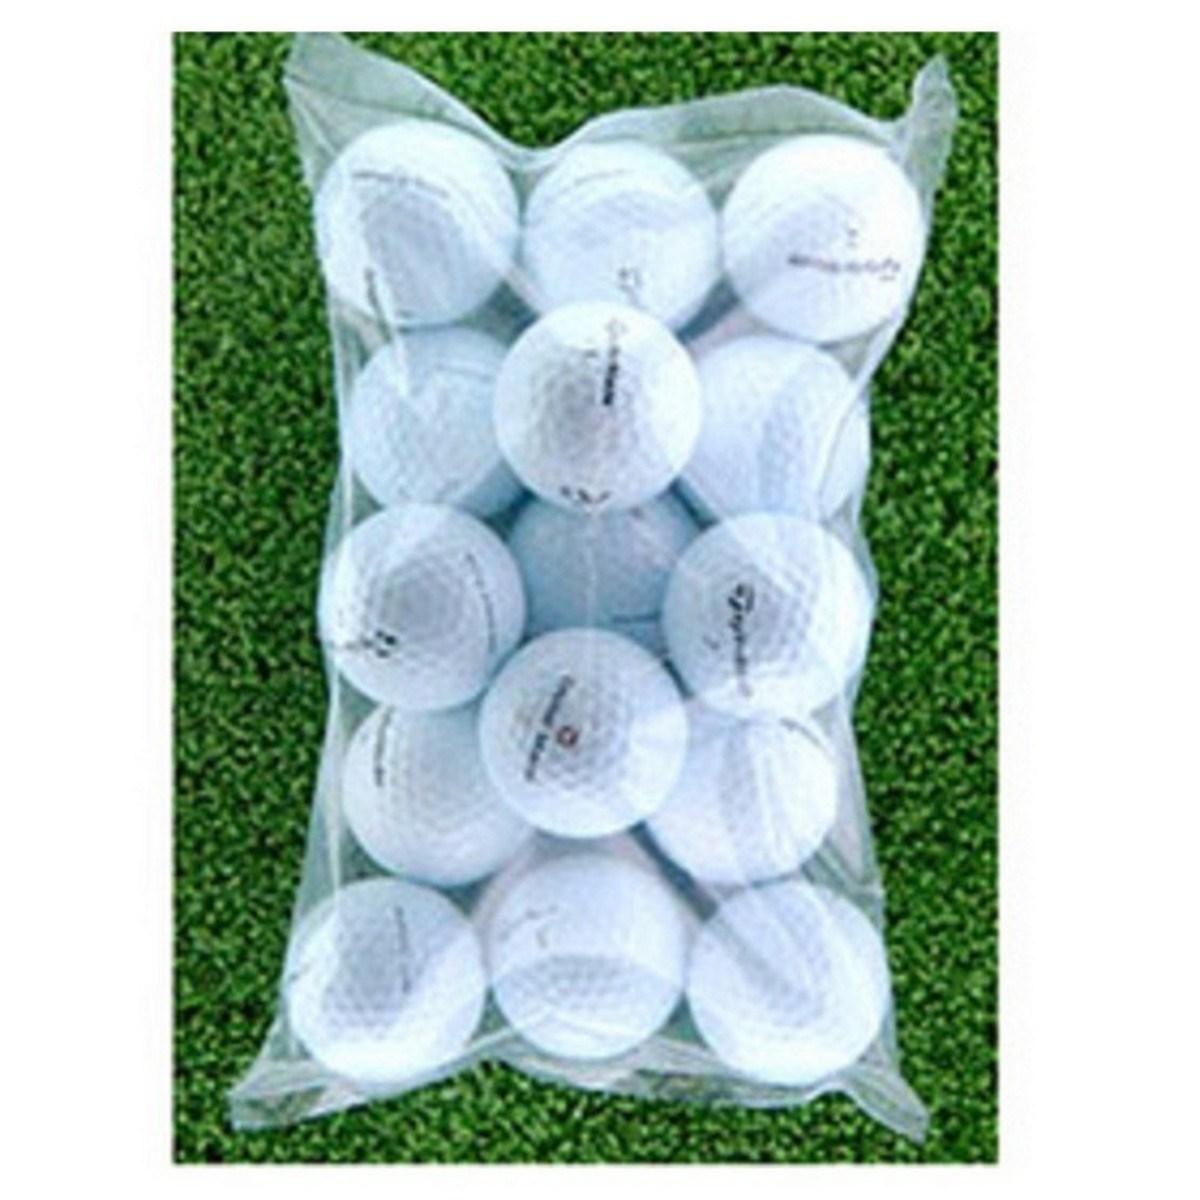 ロストボール メイホウゴルフ ロストボール テーラーメード小袋4パック60個セット